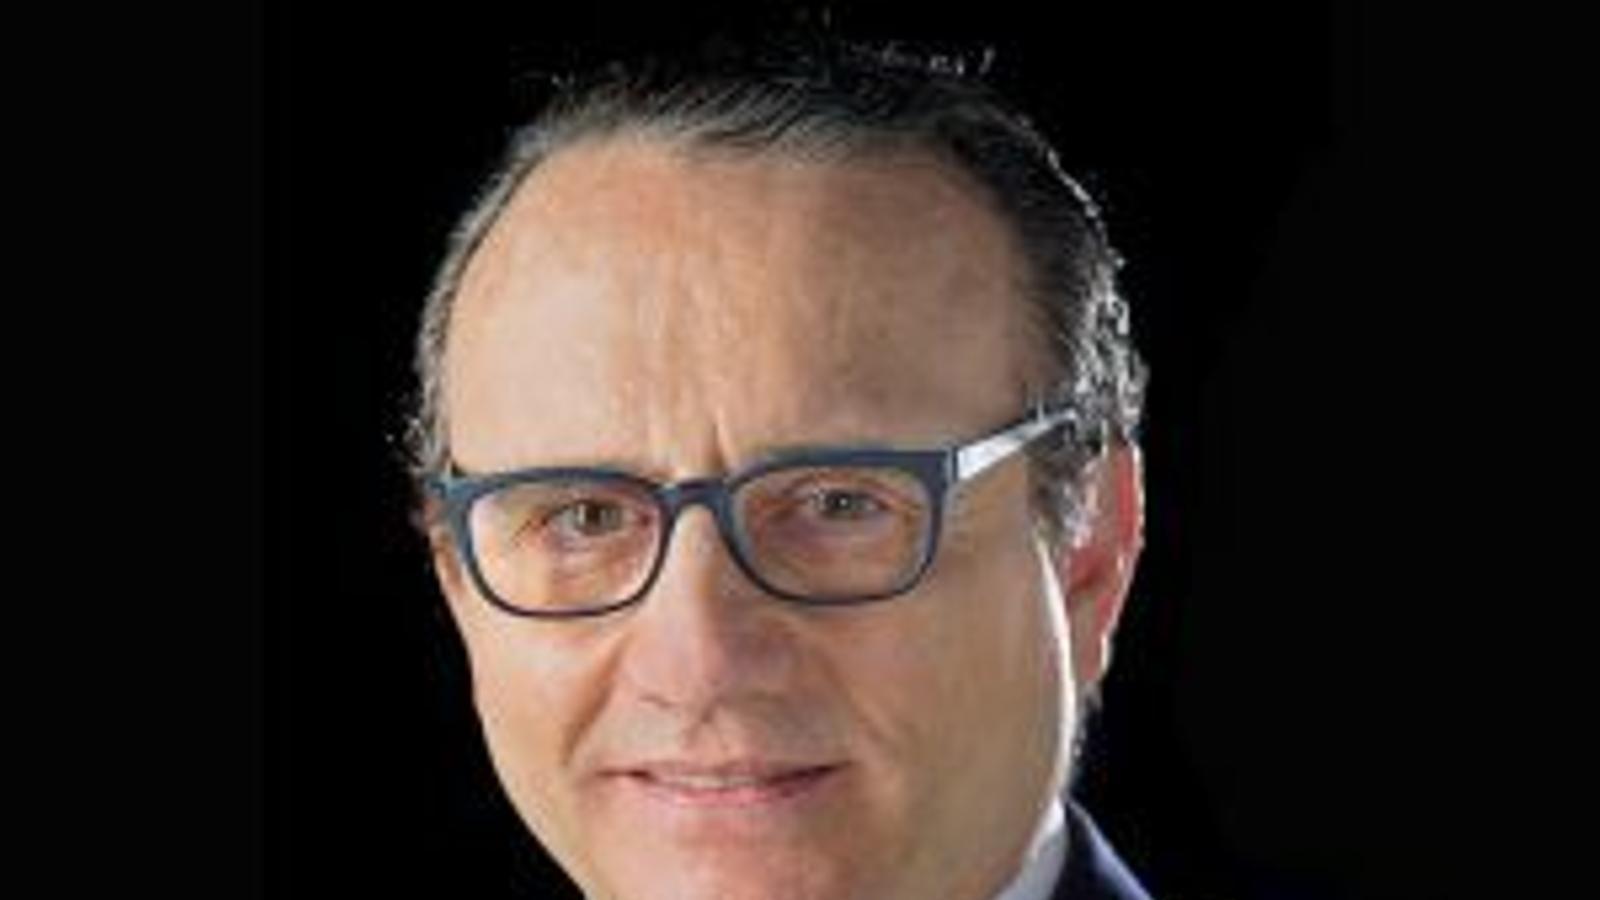 La banca ven 'El Periódico' al grup Prensa Ibérica i descarta Jaume Roures